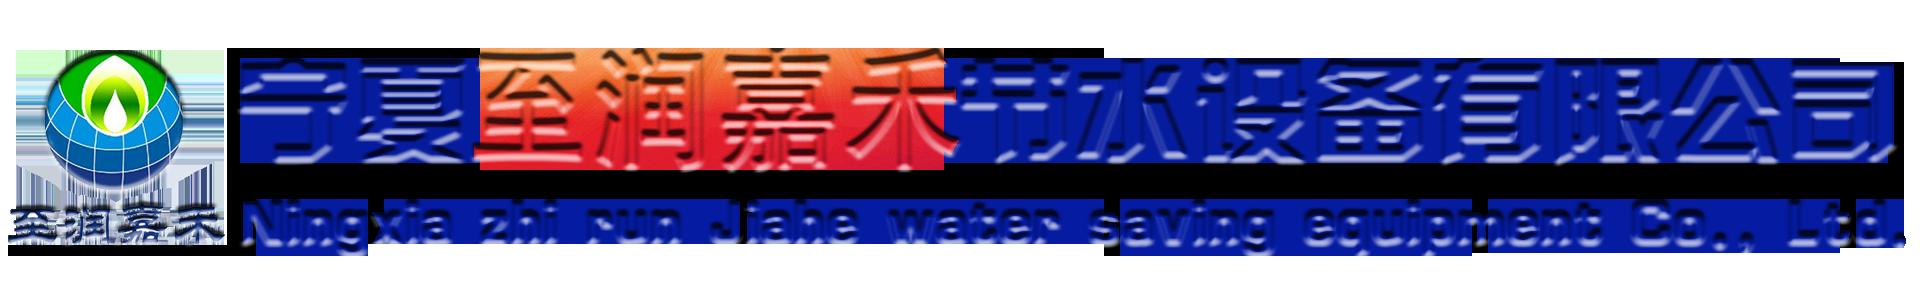 雷竞技官网下载雷竞技官网下载嘉禾节水设备有限公司